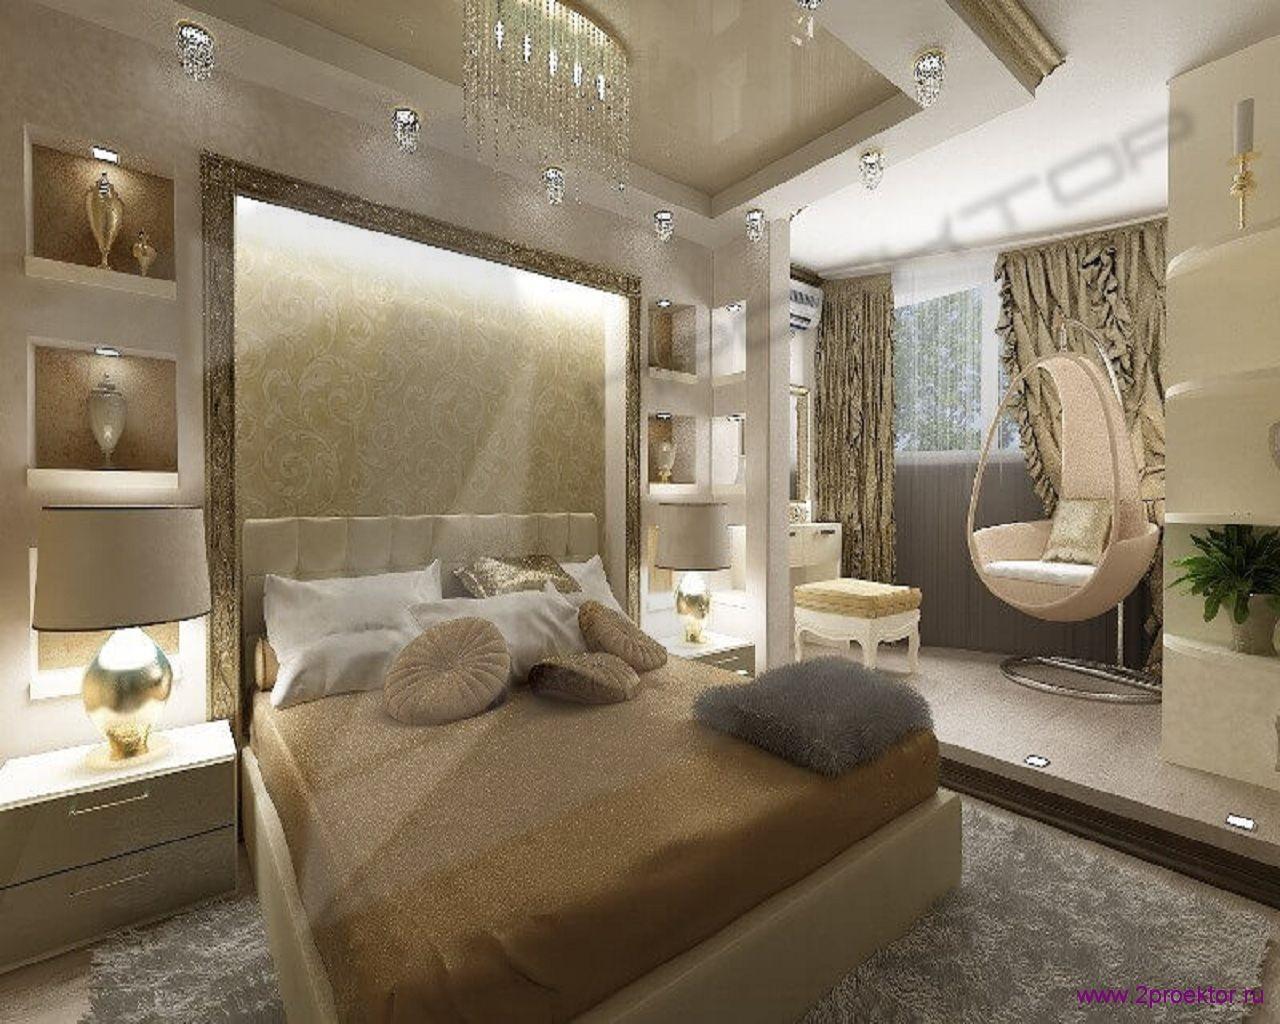 Дизайн уютной спальной комнаты совмещенной с санузлом в Жилом комплексе Четыре солнца.